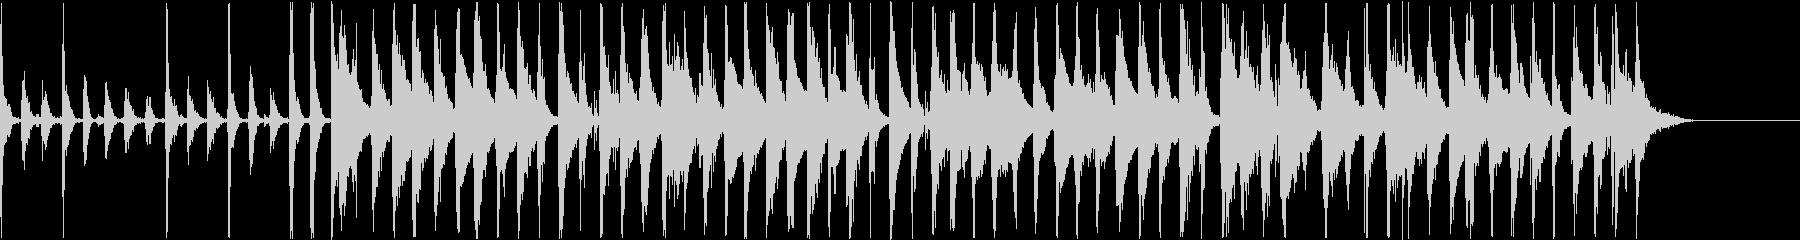 サンバ風のBGMの未再生の波形